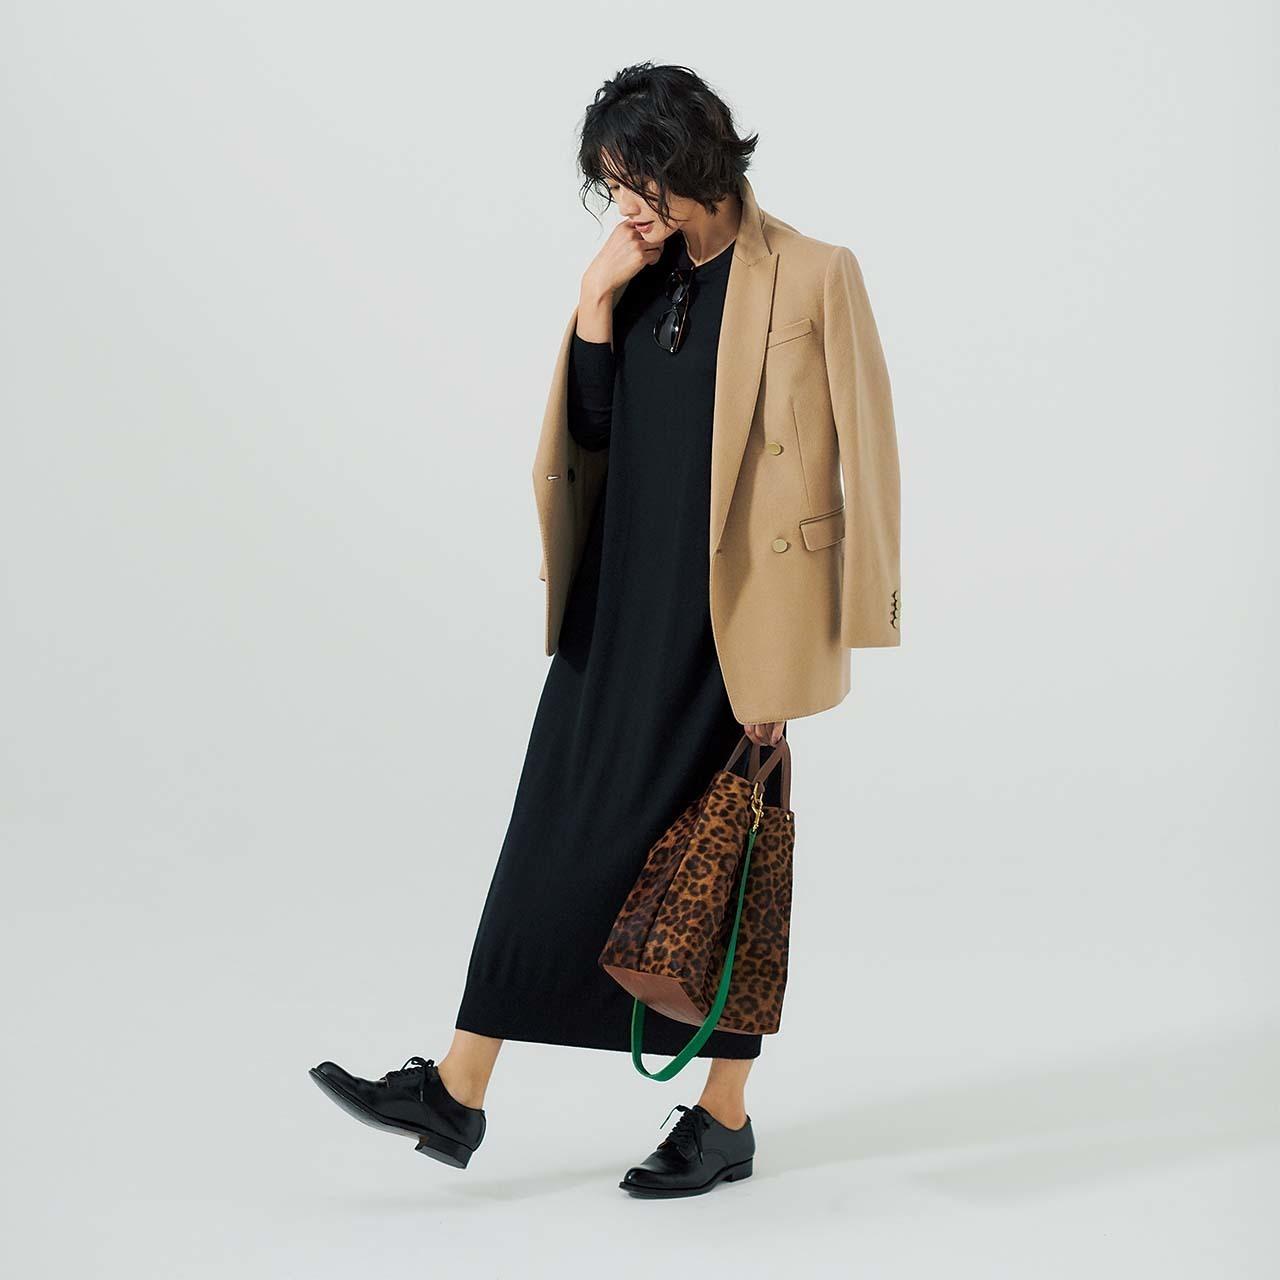 キャメルのジャケット&ニットワンピースのファッションコーデ